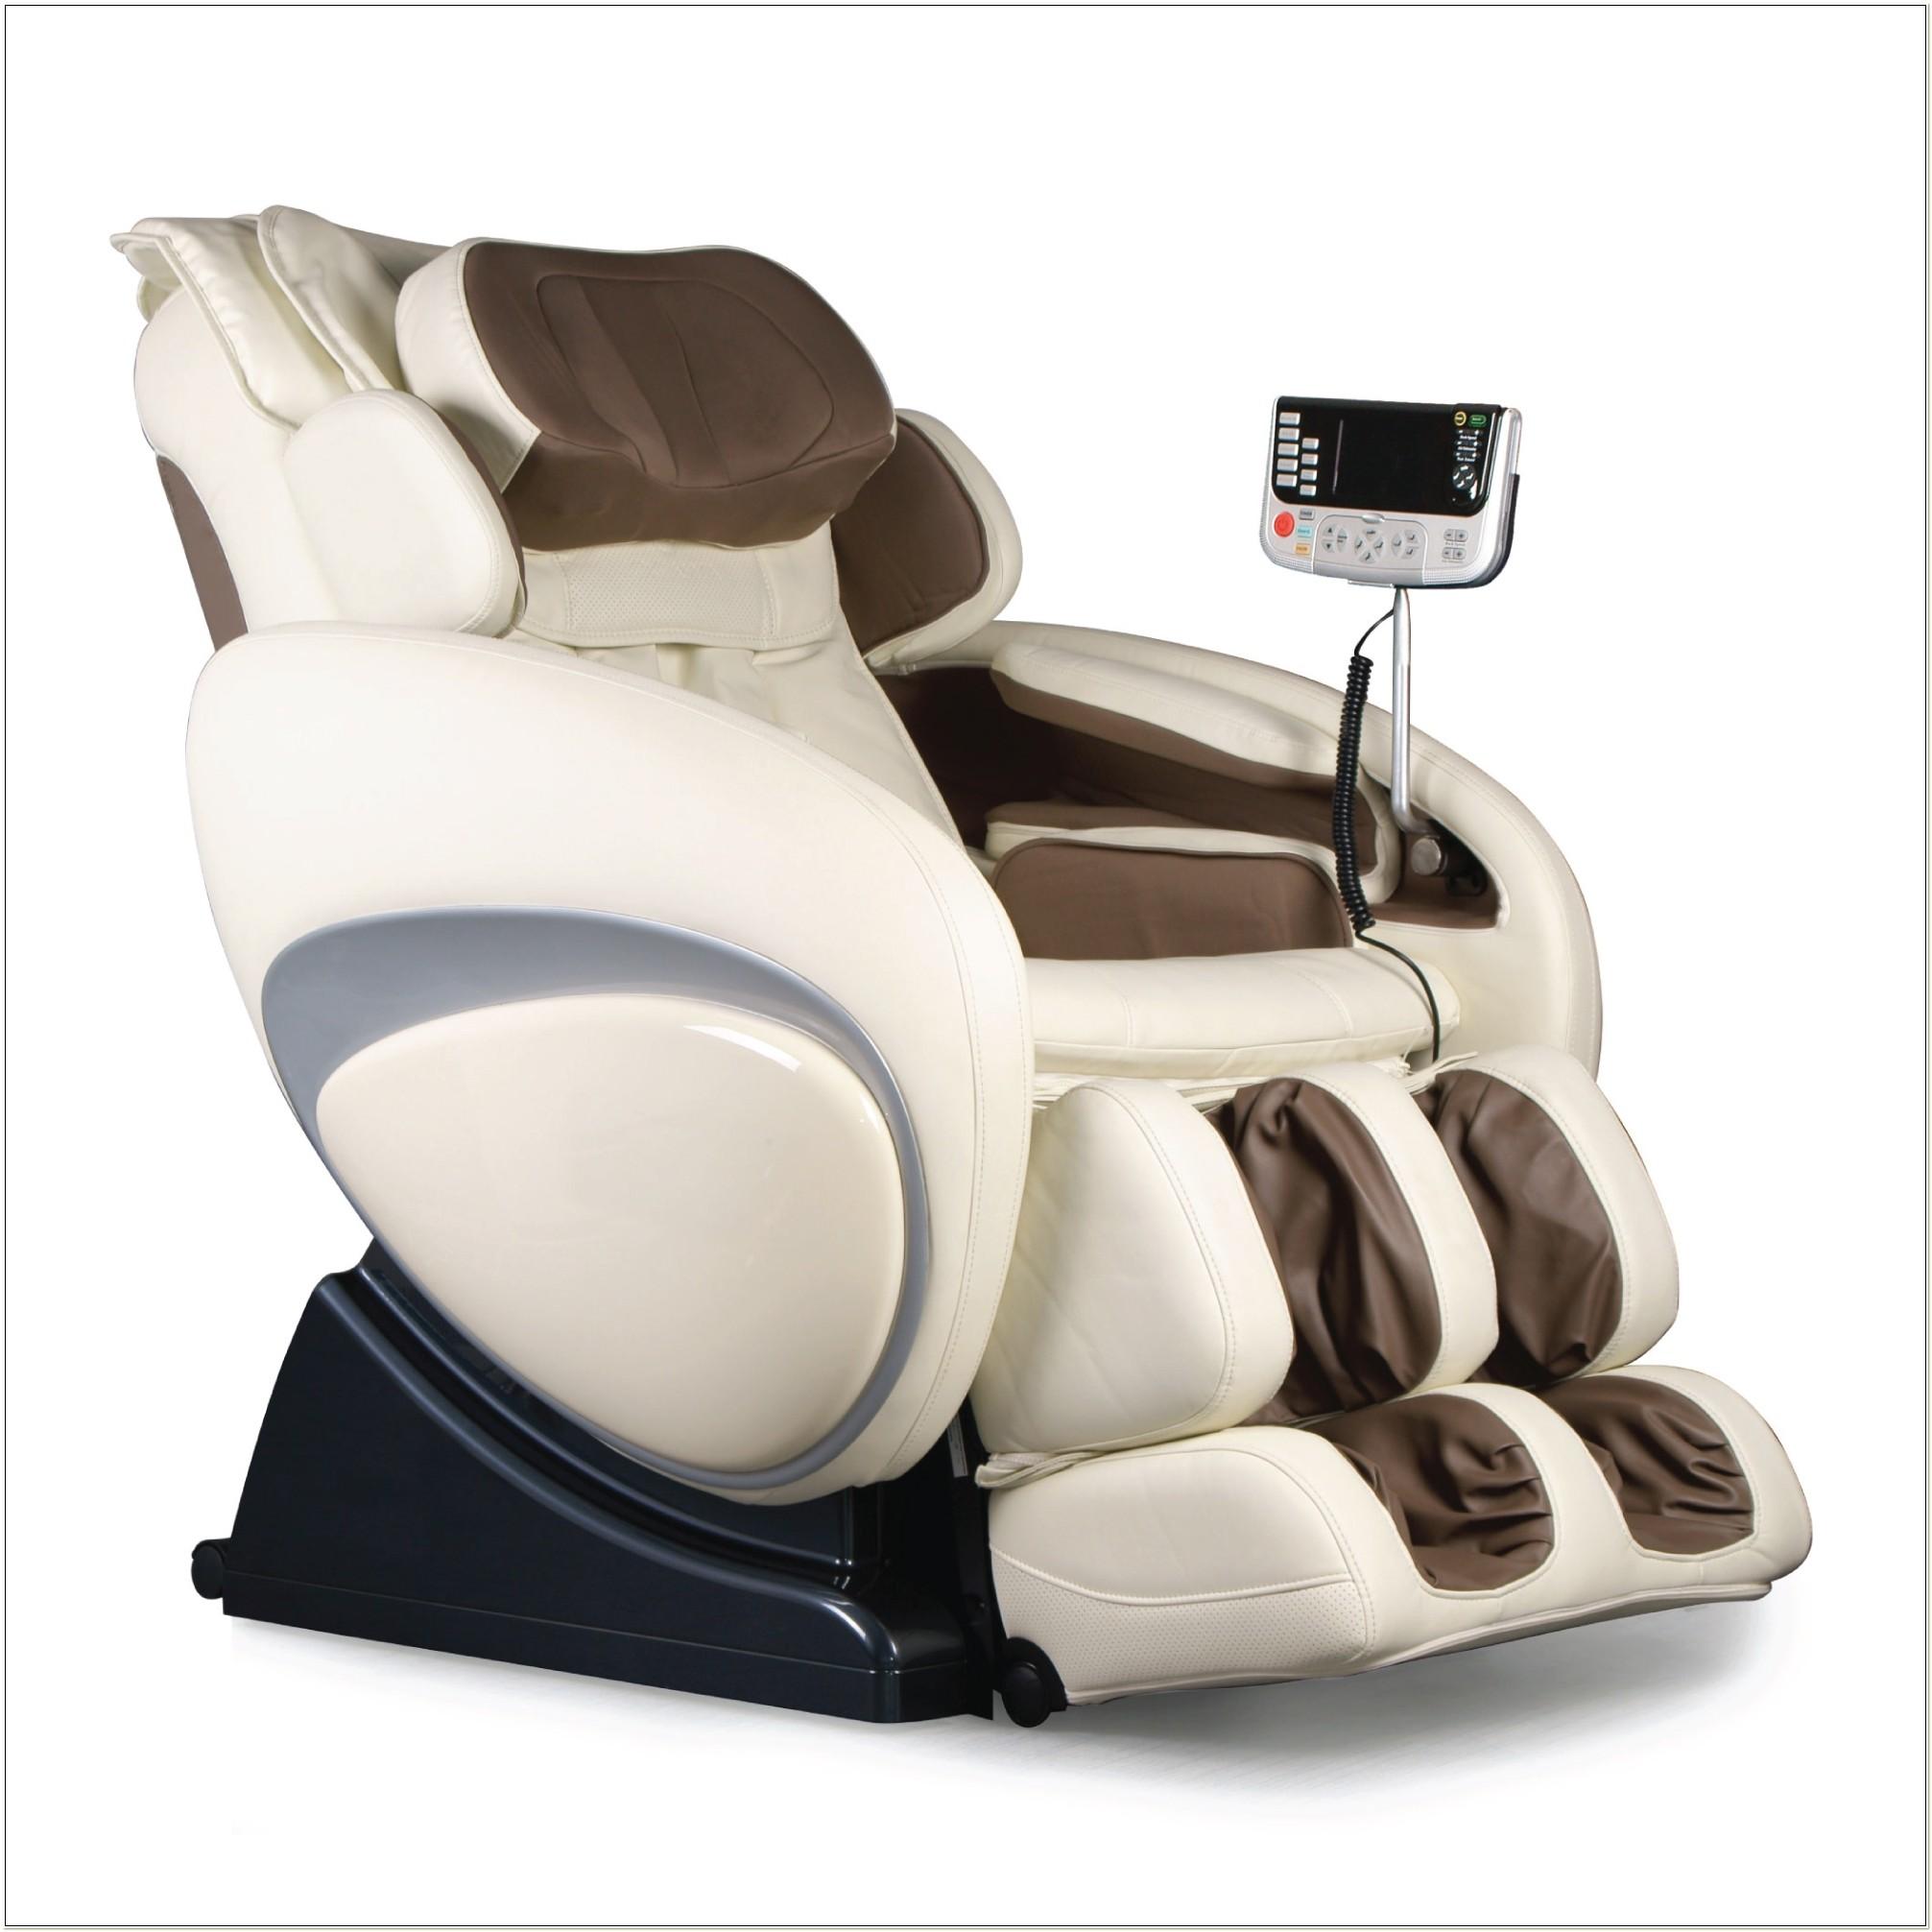 Osaki Os 4000 Massage Chair Australia